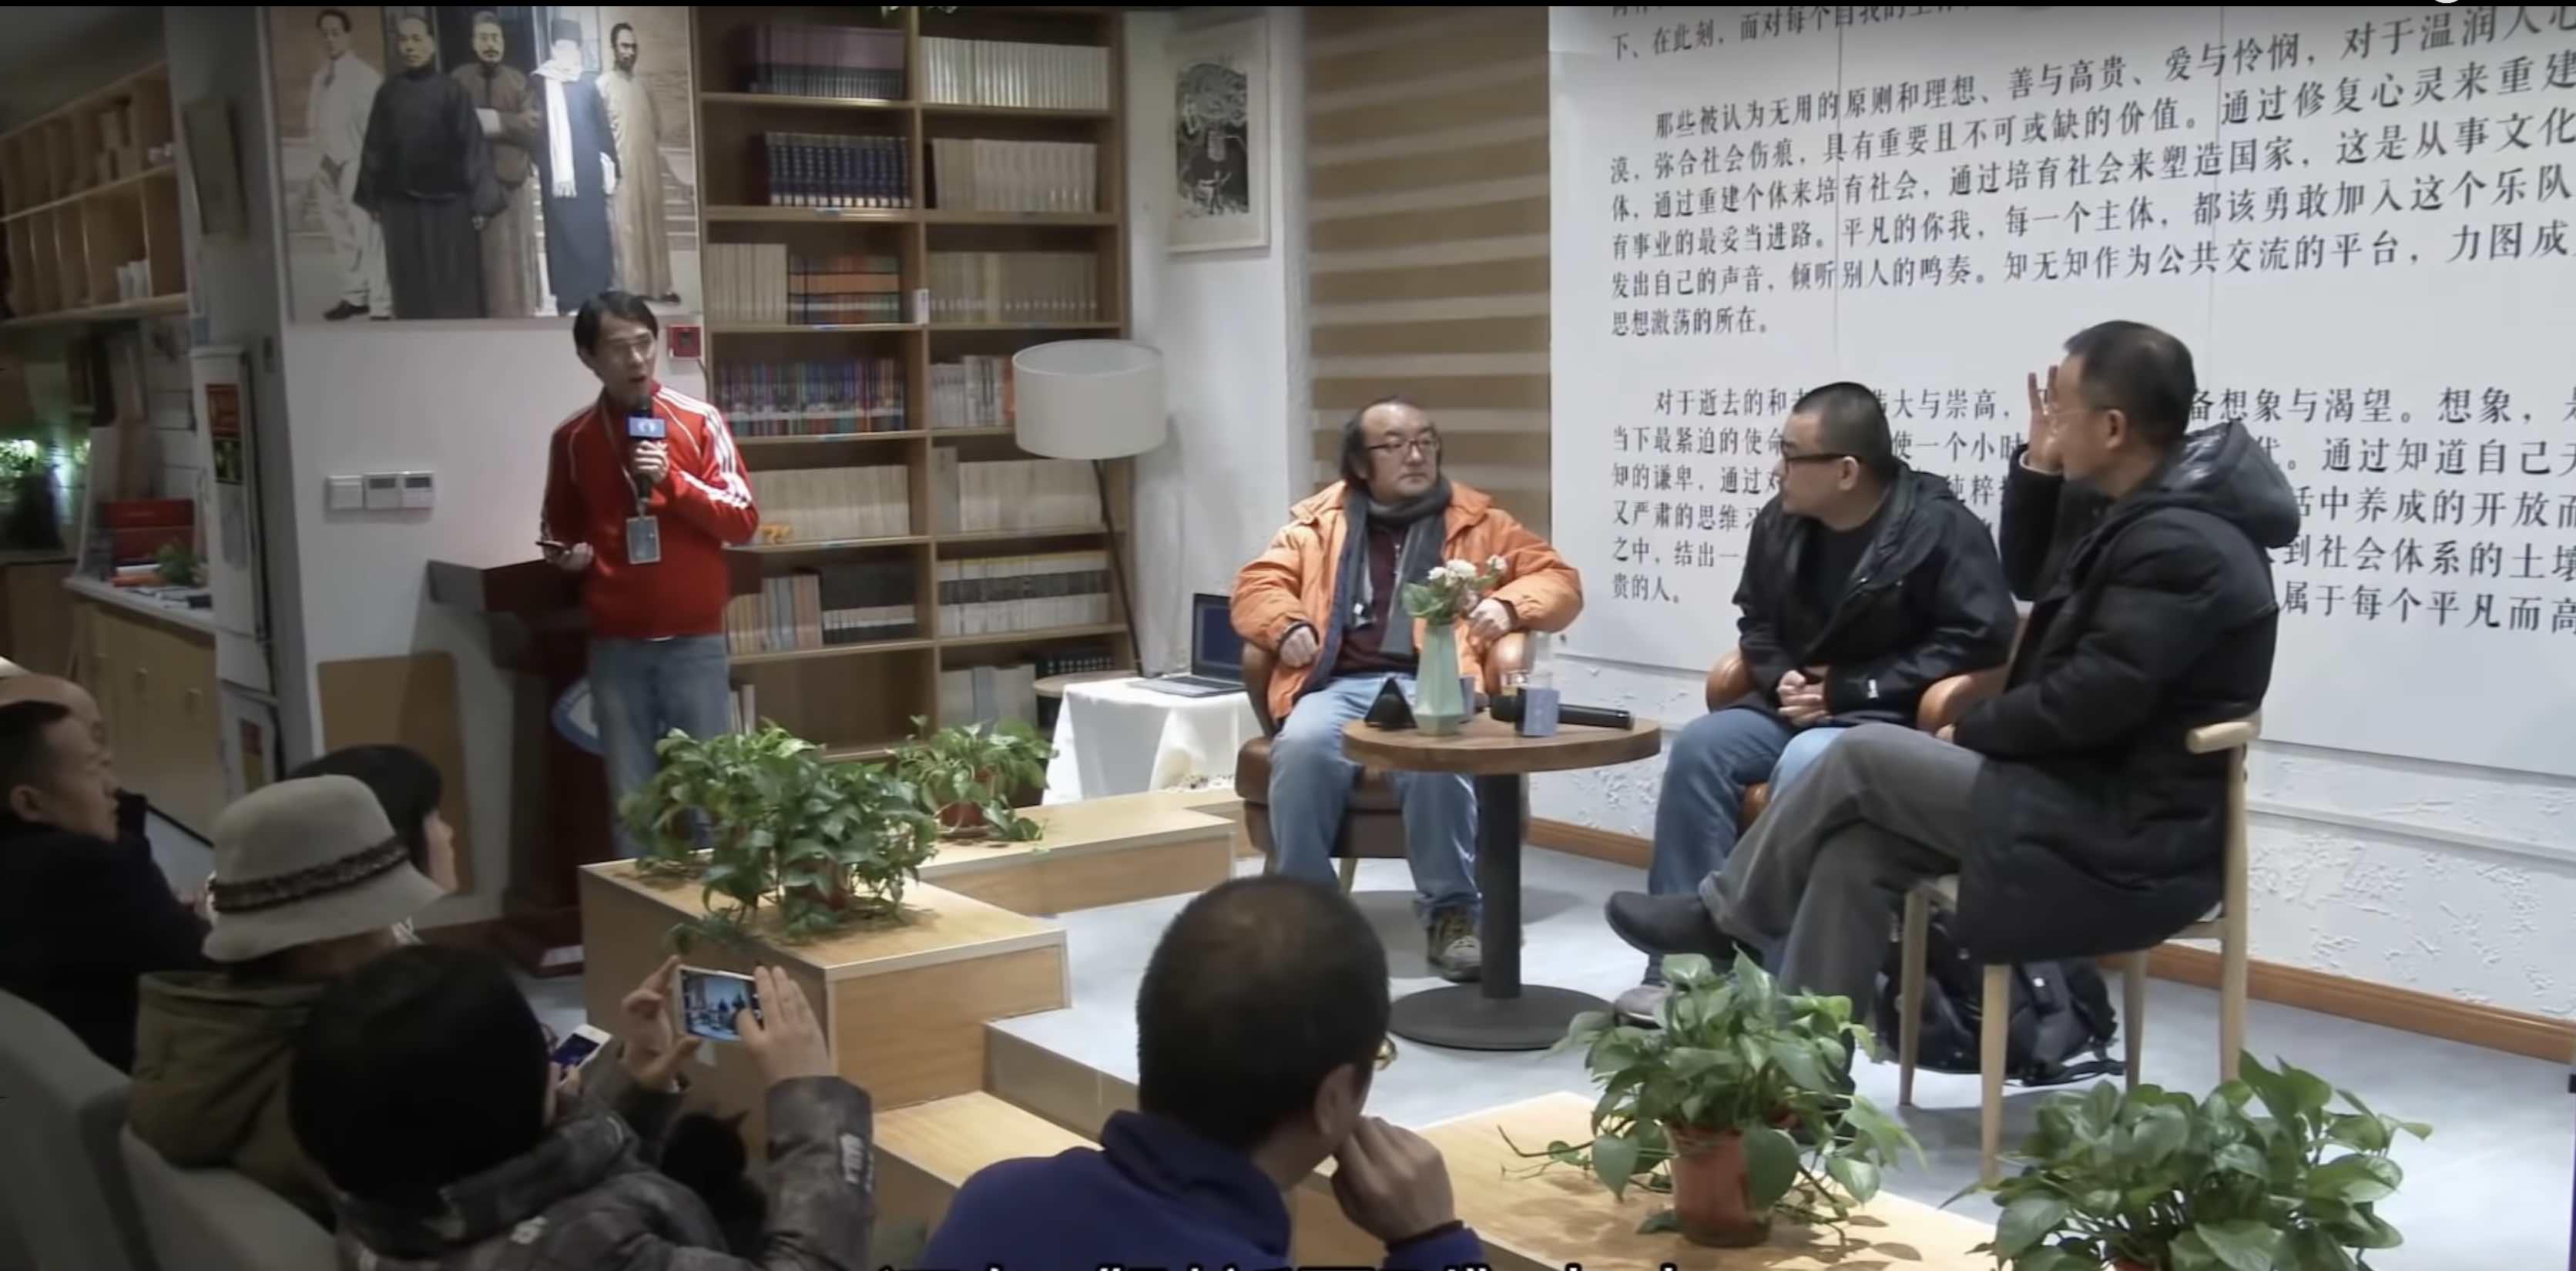 《重庆杀人记忆》映后导演杨猛对话